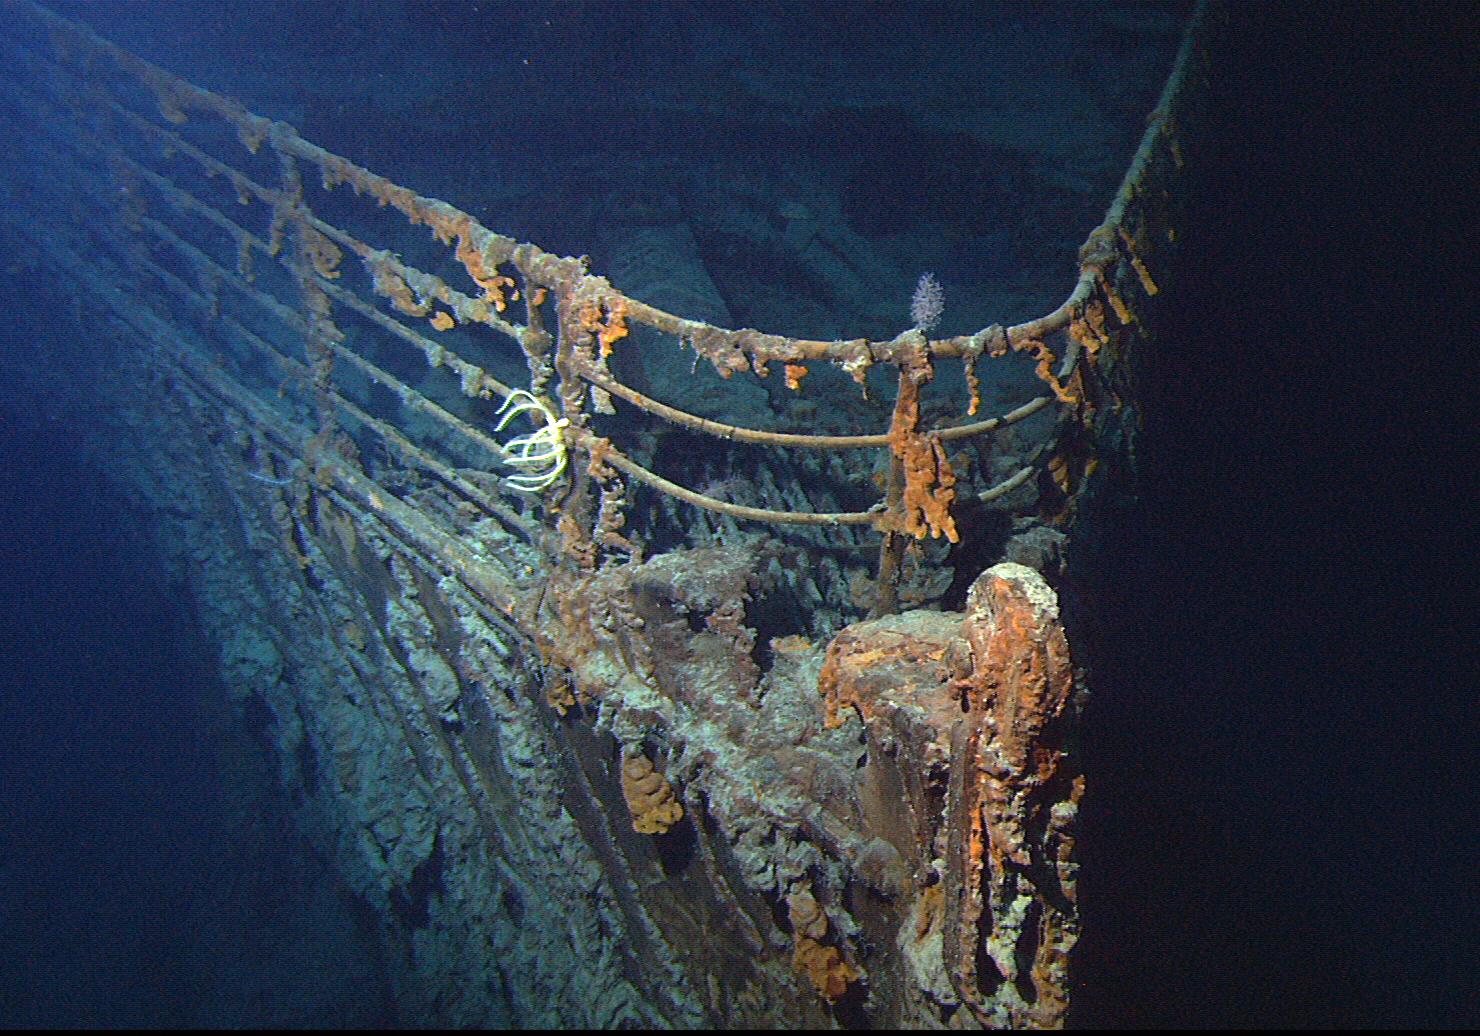 1145 Благородство при кораблекрушении - только миф?